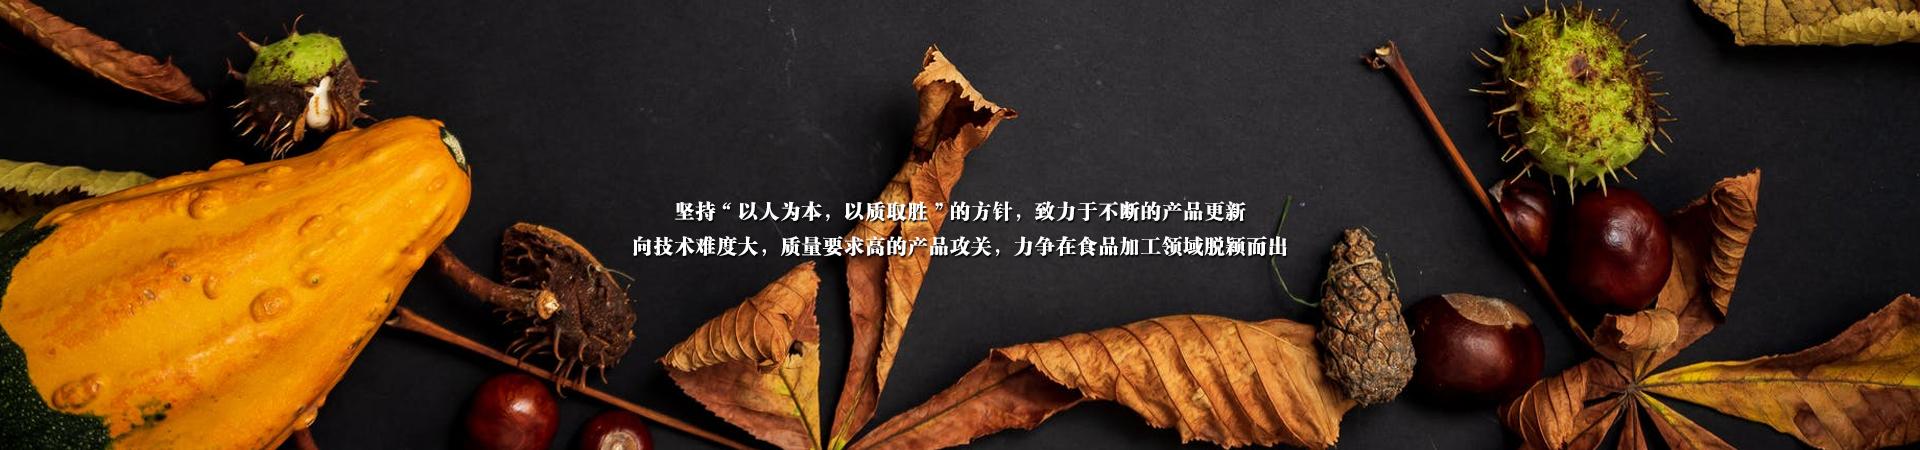 http://www.hd-food.com/data/upload/202007/20200710105936_709.jpg